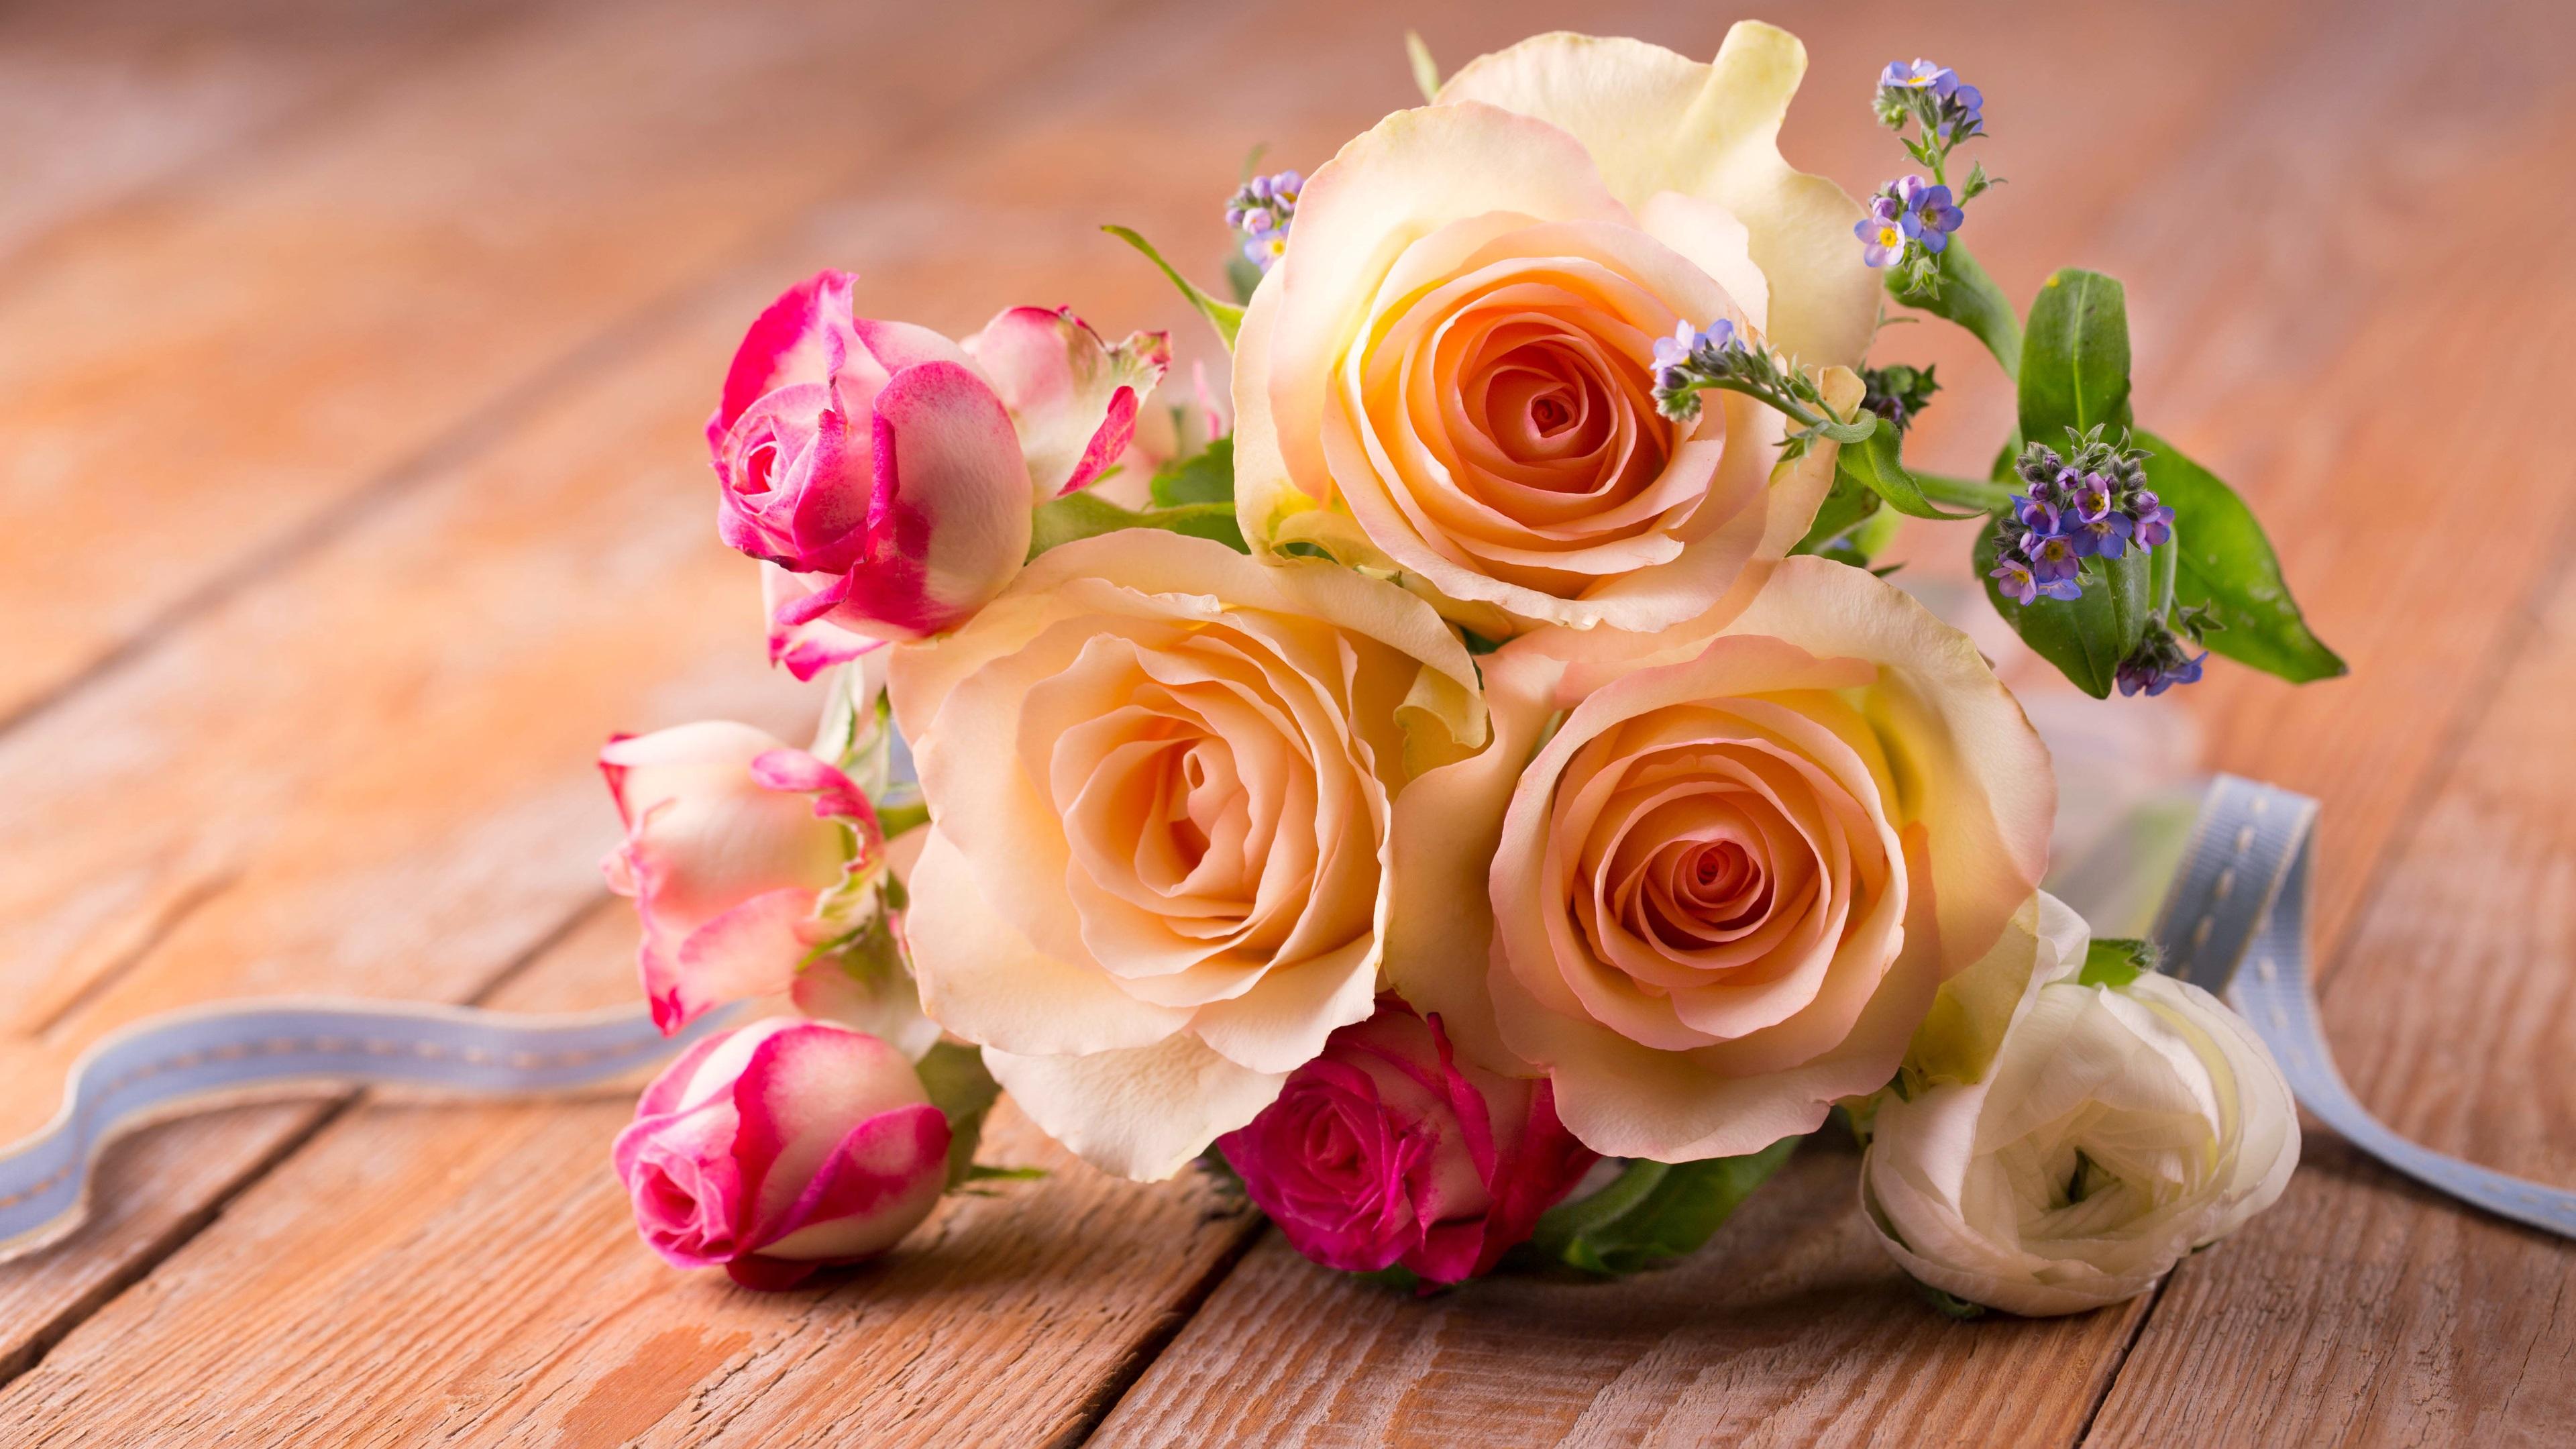 Fondo De Pantalla Flores Blancas En Fondo Rosa: Fondos De Pantalla Ramo Rosas, Rosas Y Flores Blancas